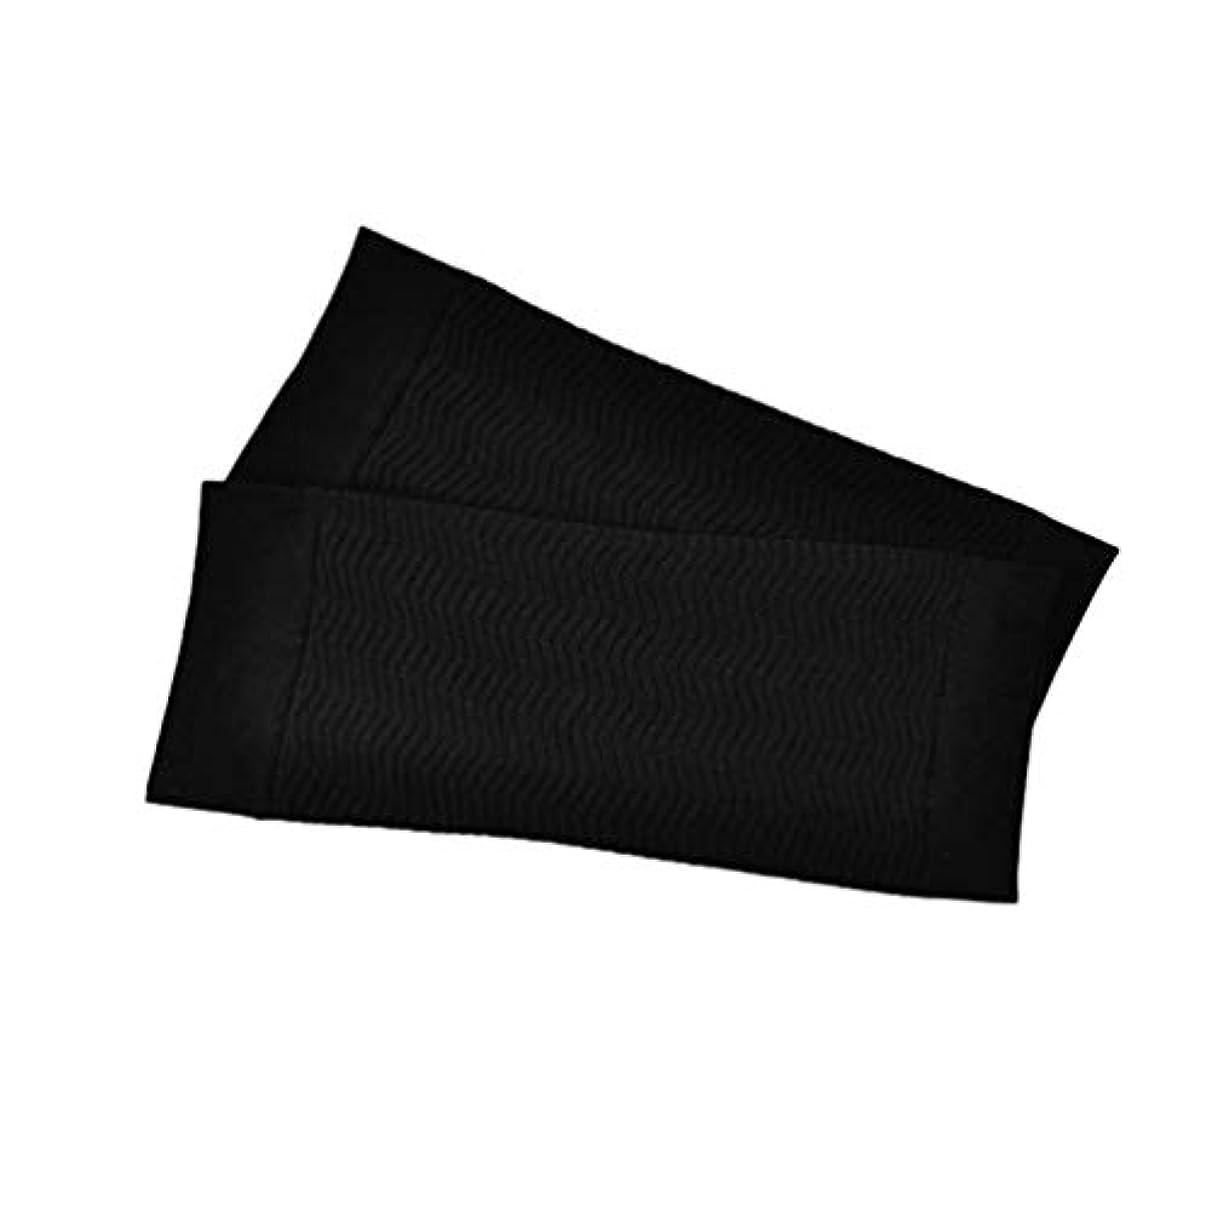 ゲート一致するフォージ1ペア680 D圧縮アームシェイパーワークアウトトーニングバーンセルライトスリミングアームスリーブ脂肪燃焼半袖用女性 - ブラック